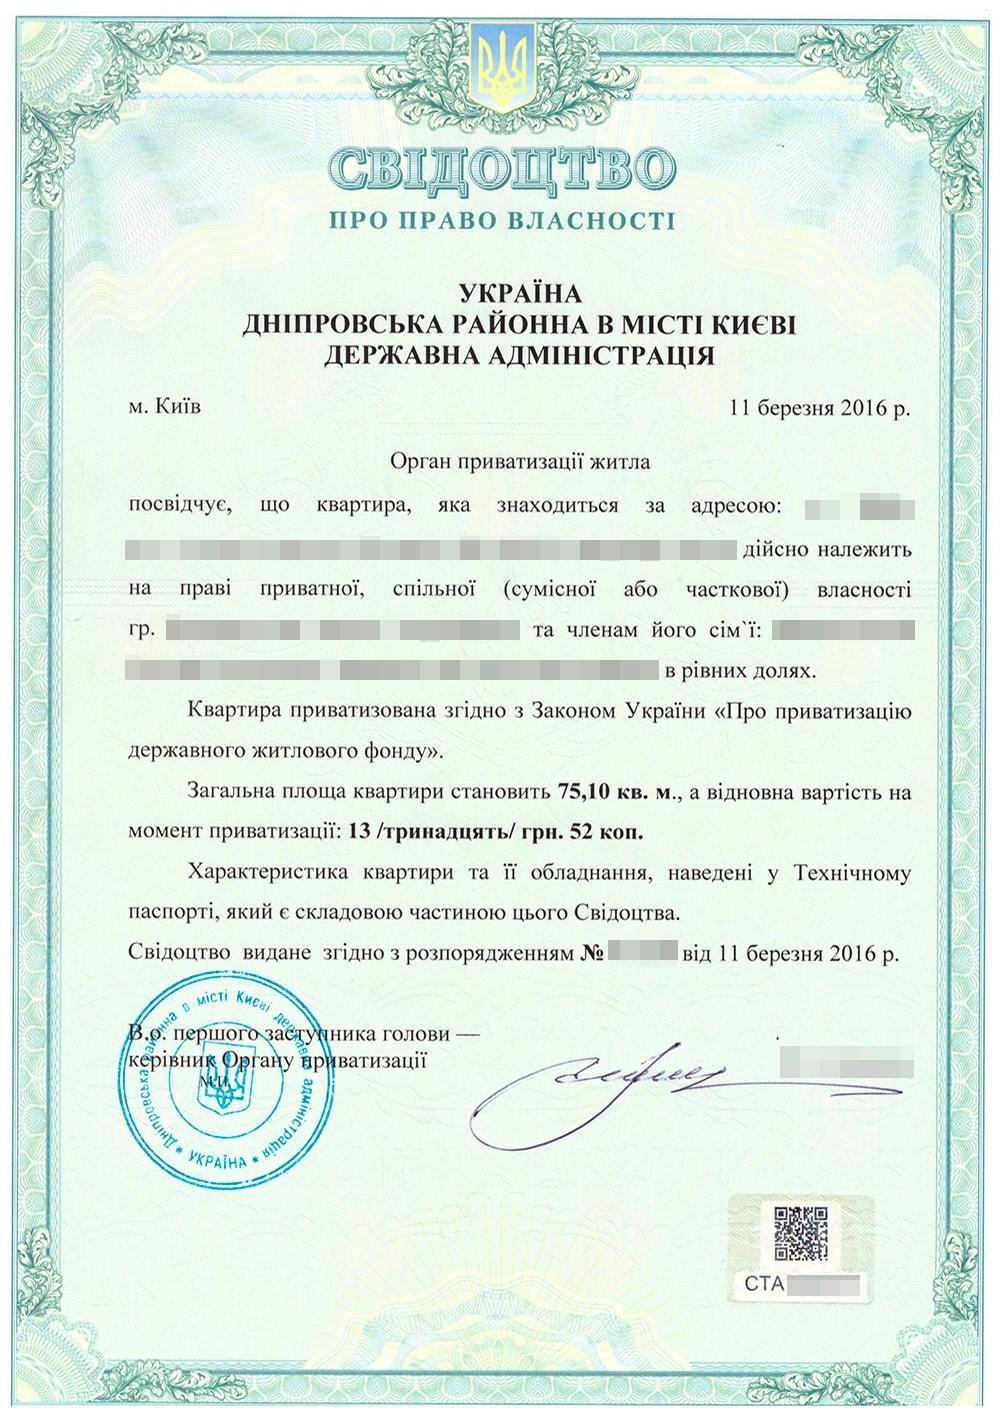 Проверка водительского удостоверения по базе гибдд на штрафы